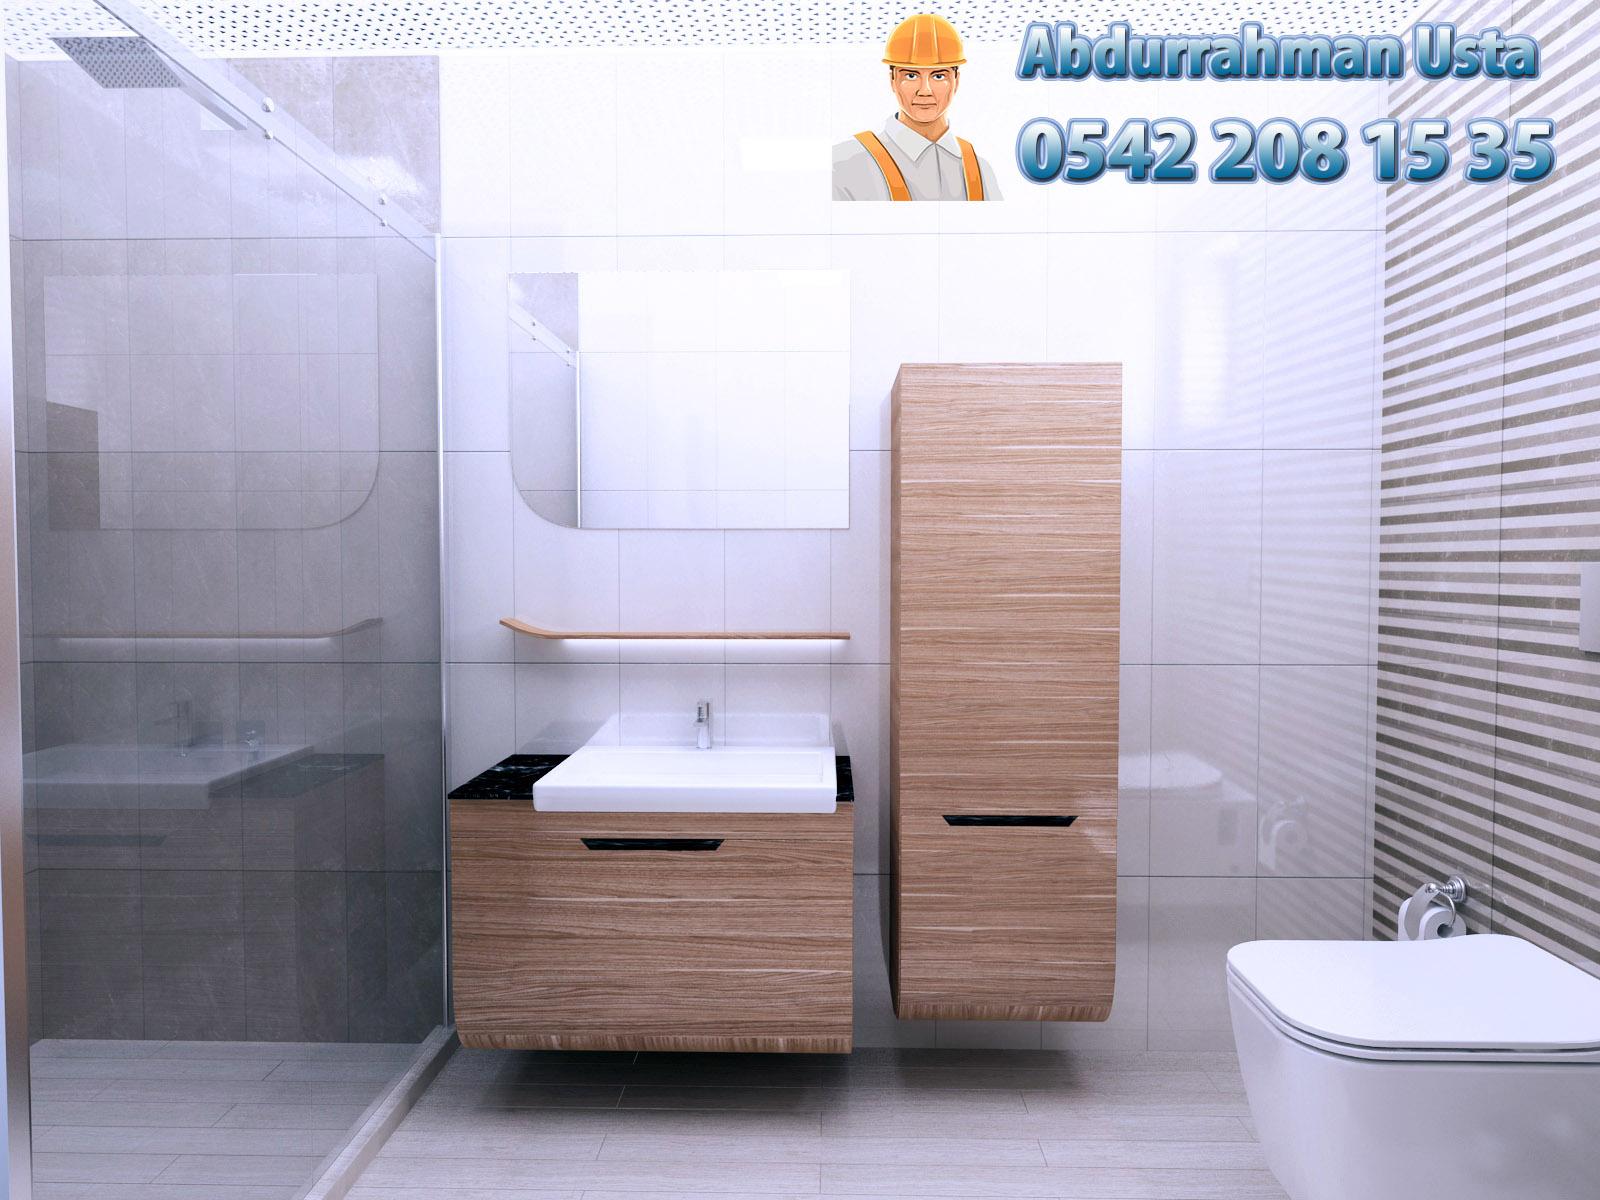 bursa osmangazi banyo tamirat ve tadilat ustası